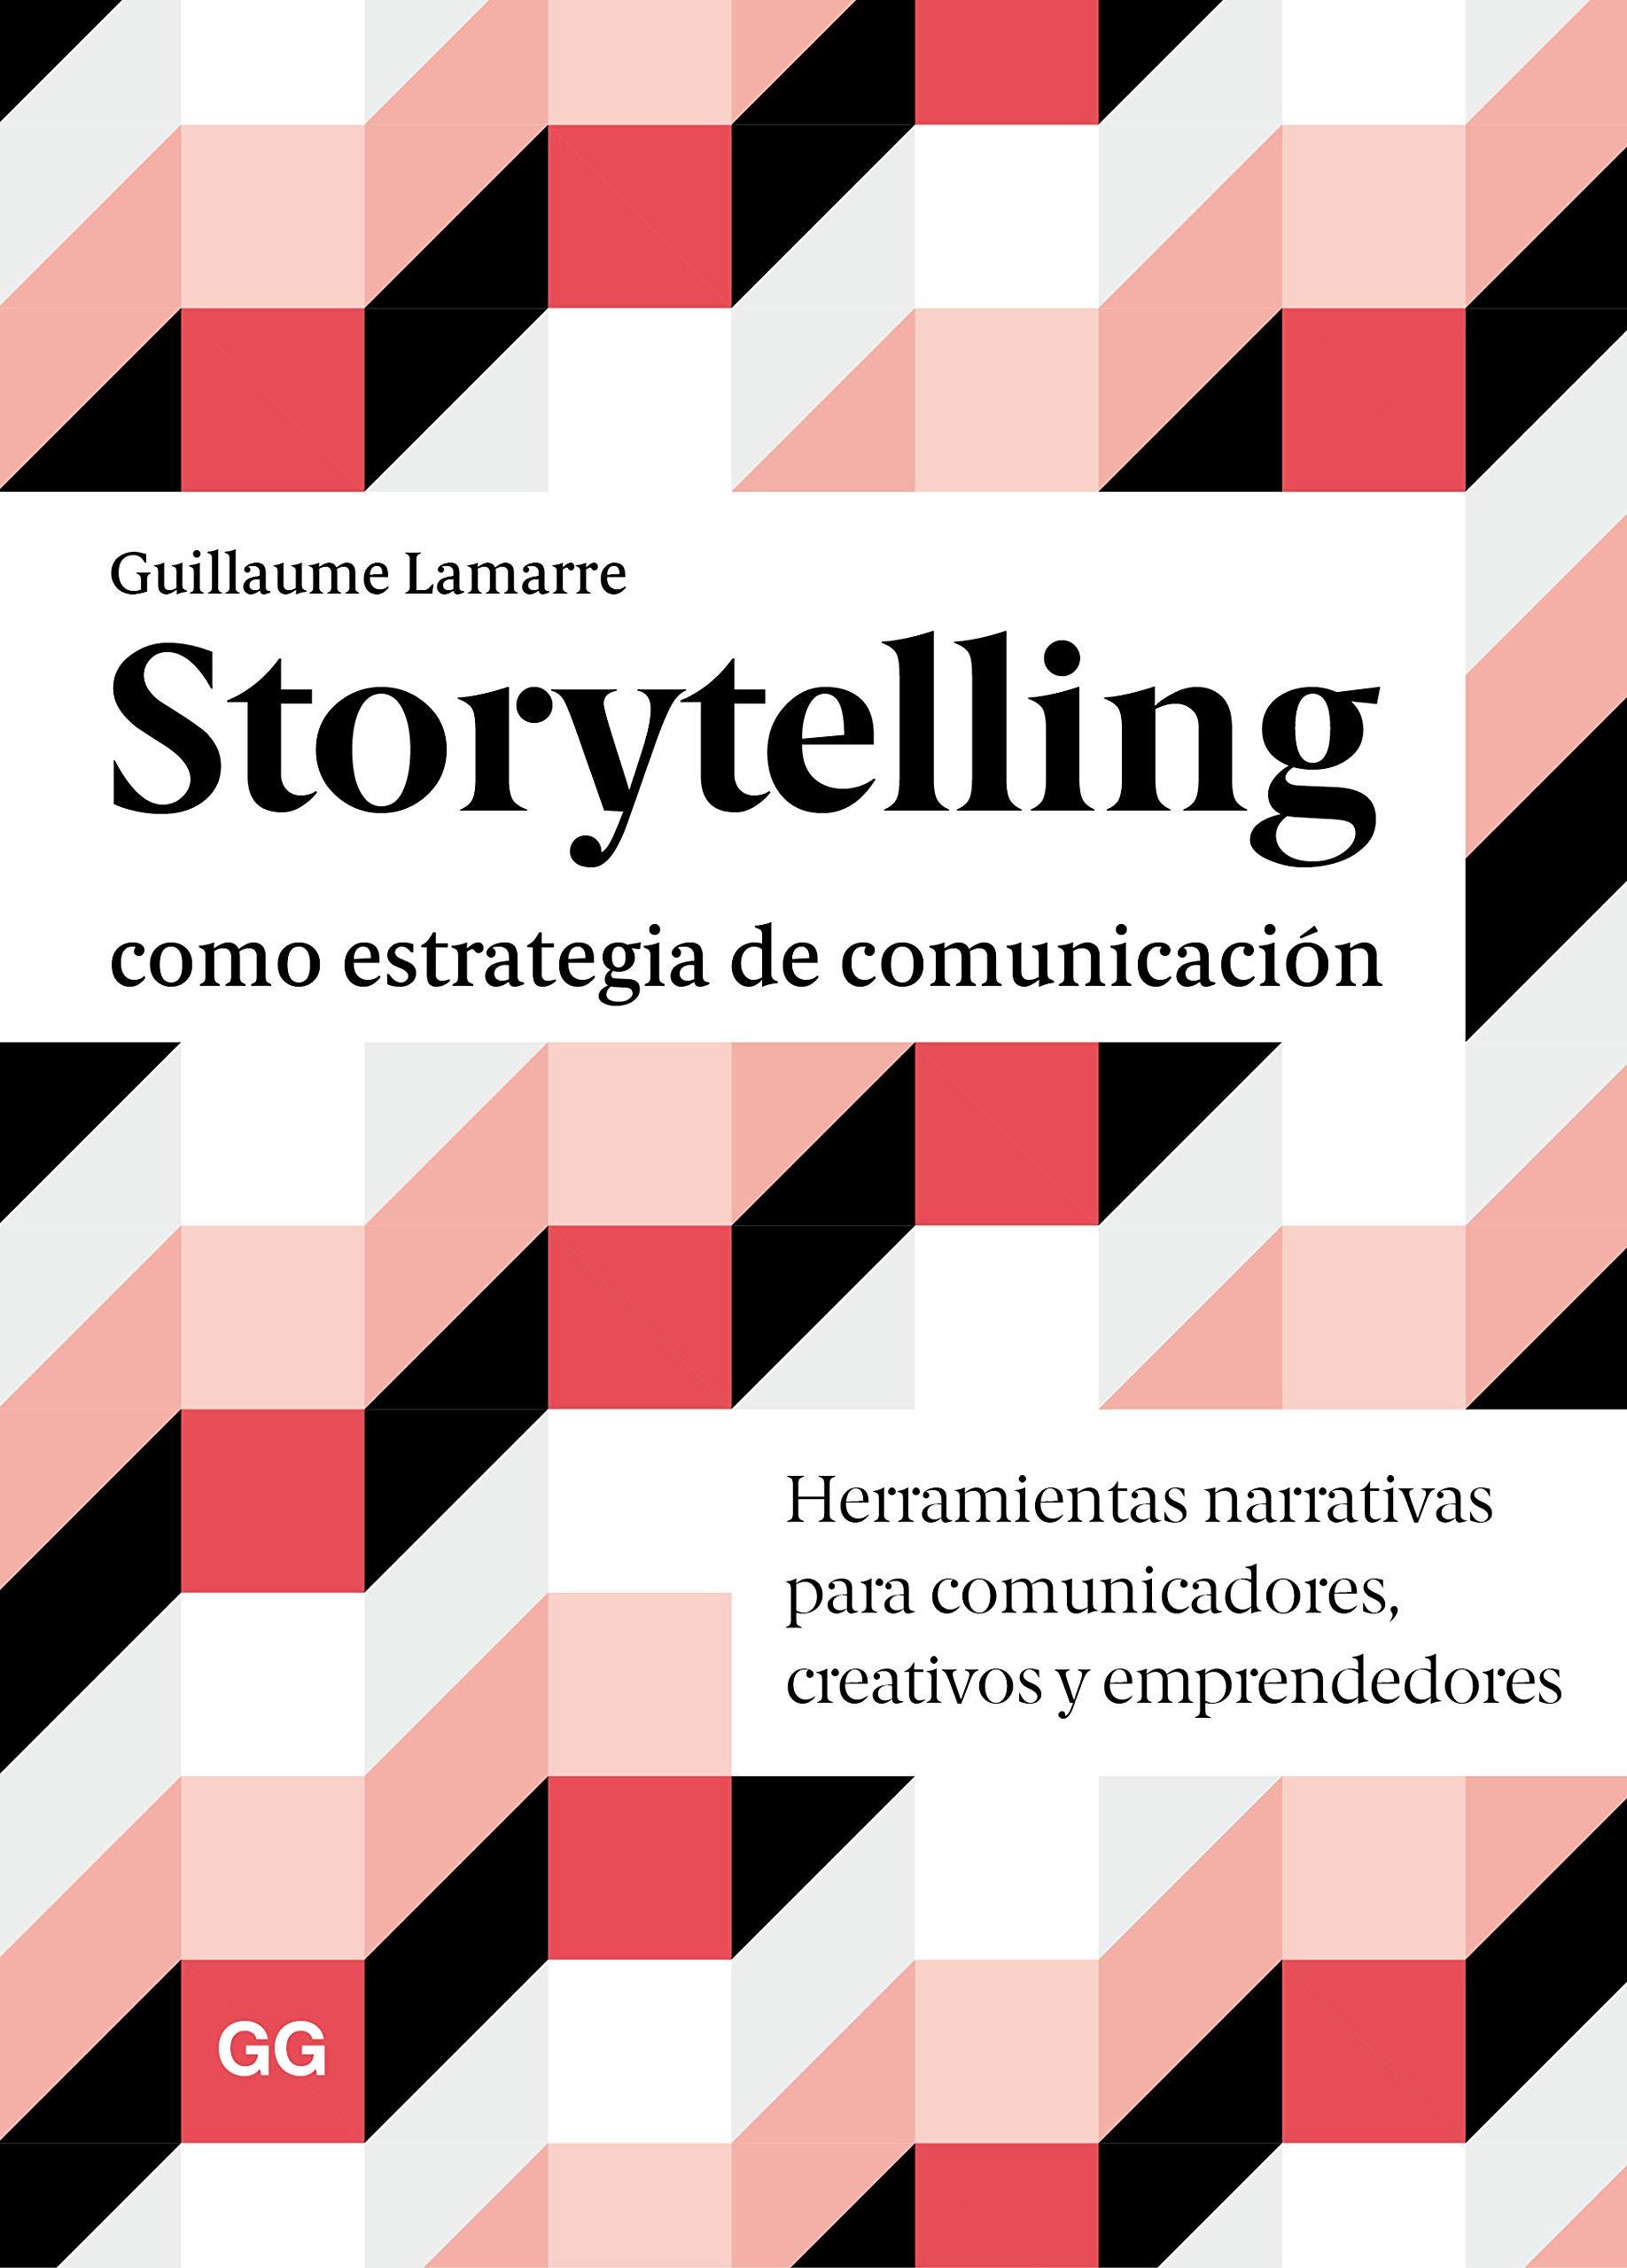 Storytelling como estrategia de comunicación: Herramientas narrativas para comunicadores, creativos y emprendedores por Guillaume Lamarre